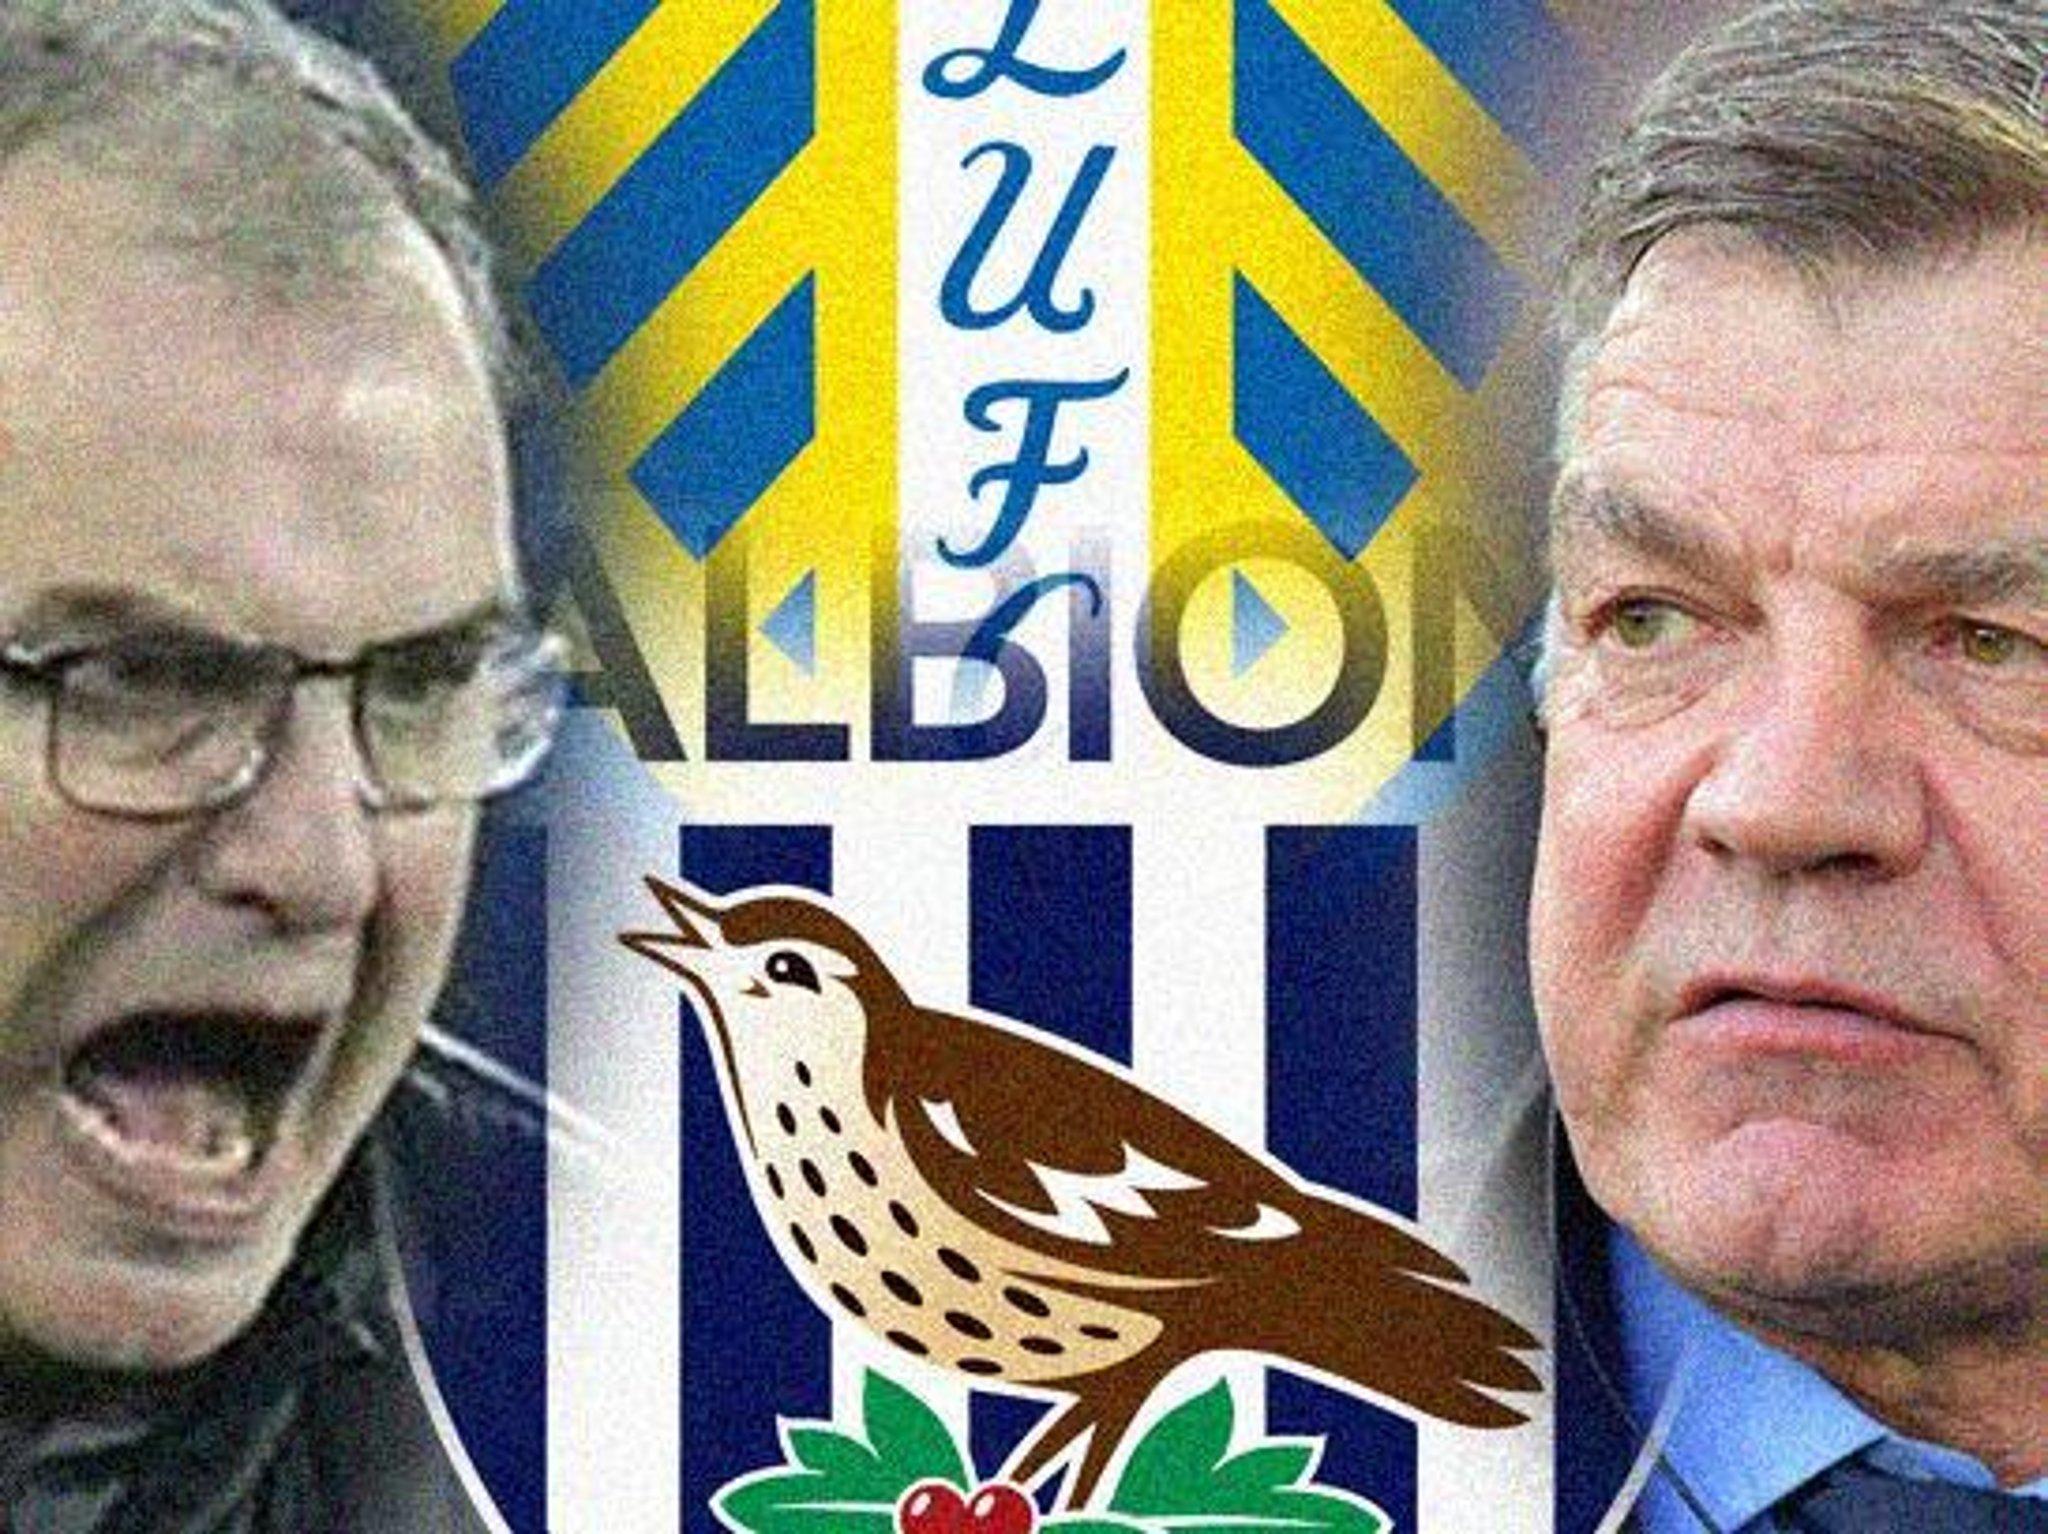 Leeds United v West Brom - live blog: Marcelo Bielsa confirms Elland Road team news for emotional final day